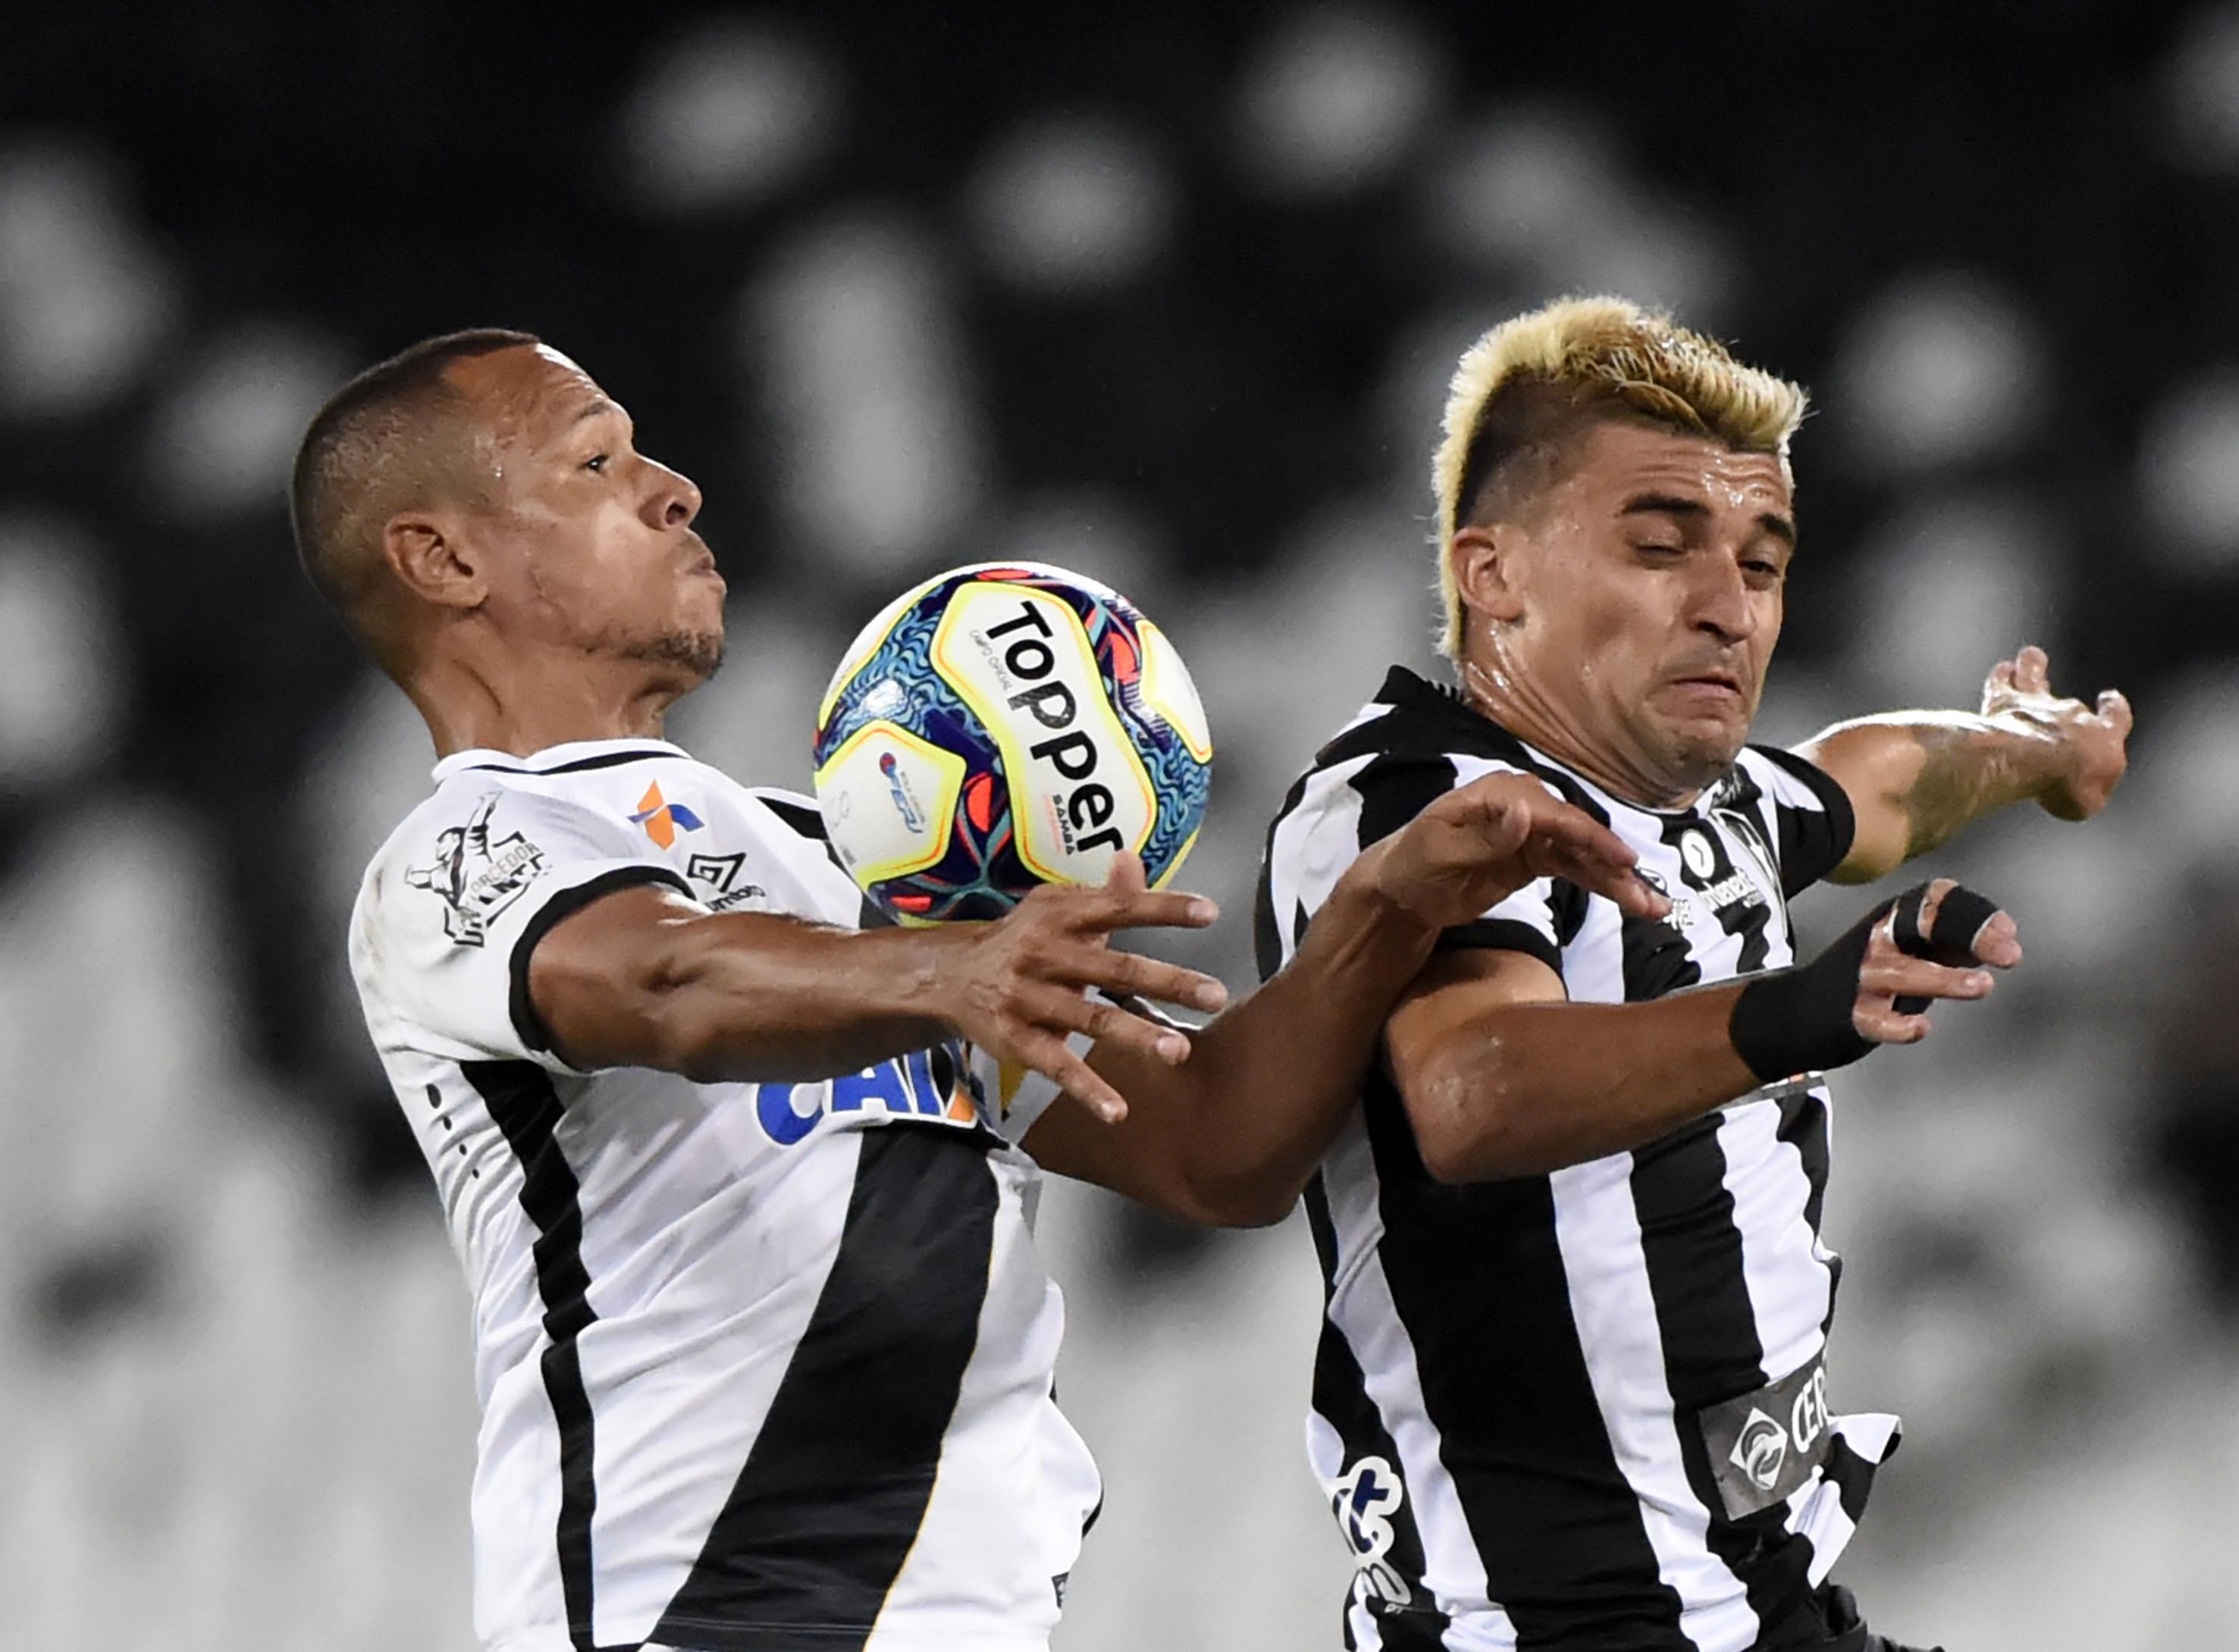 Fase final da Taça Rio pode não valer nada para o Carioca  entenda 51c8251931357